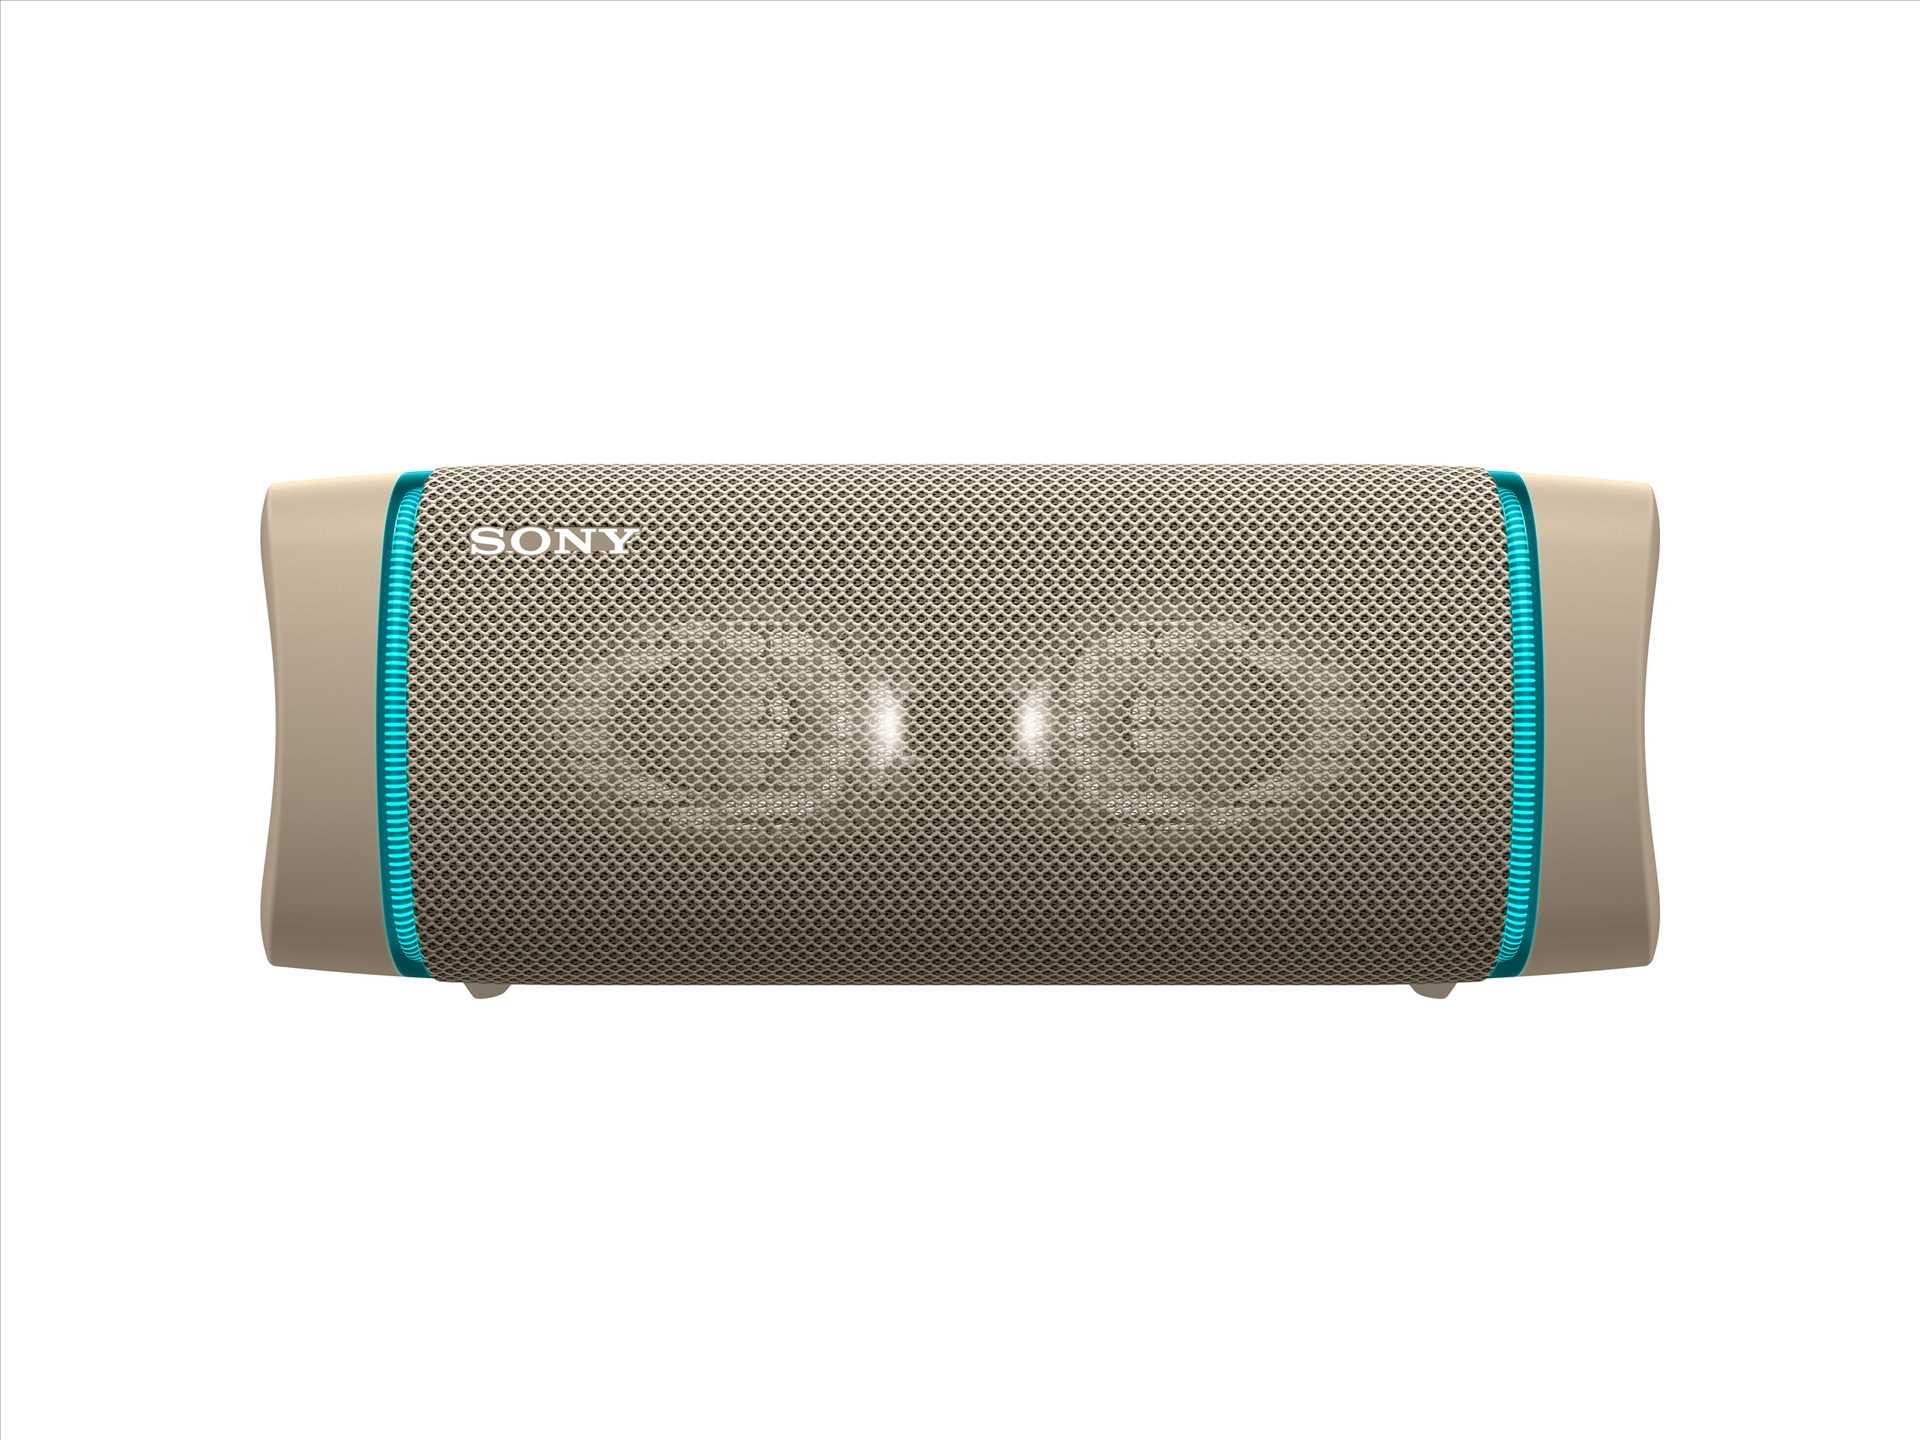 רמקול נייד סוני צבע בז' SONY SRS-XB33C סוני - תמונה 1